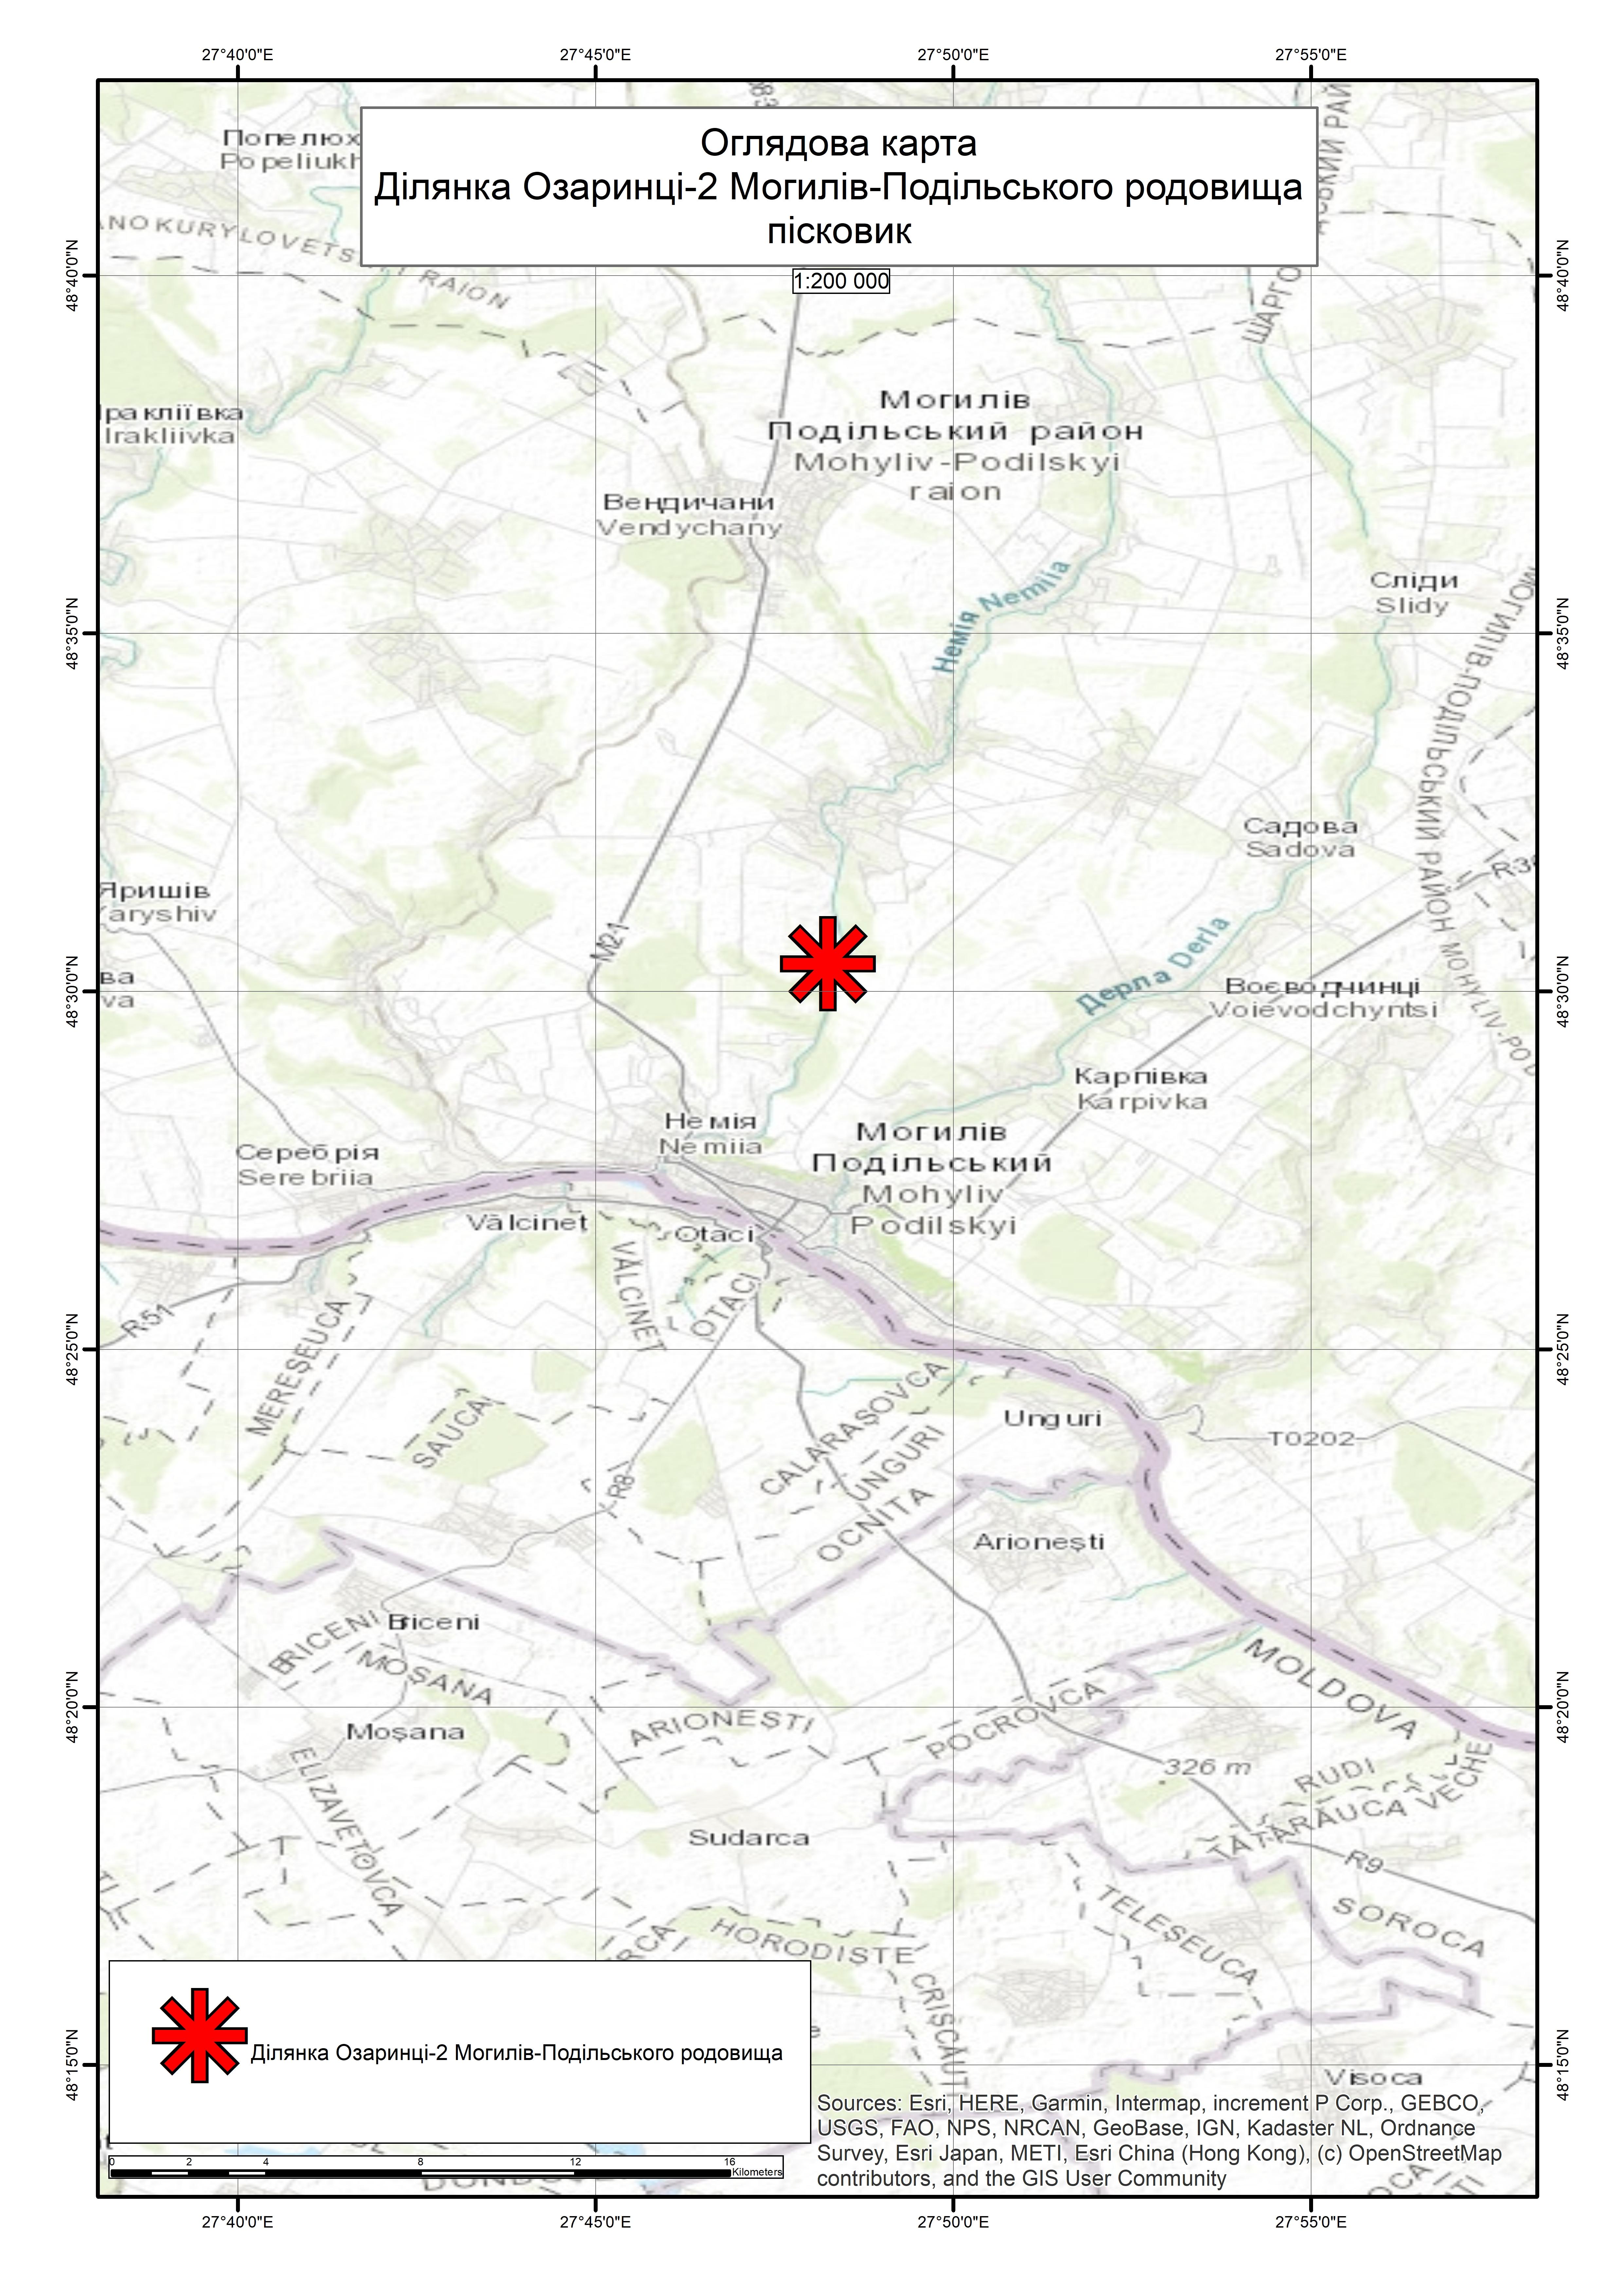 Спеціальний дозвіл на користування надрами – Ділянка Озаринці-2 Могилів-Подільського родовища. Вартість геологічної інформації – 60 054,59 грн (з ПДВ). Вартість пакету аукціонної документації – 41 680,55 грн (з ПДВ).